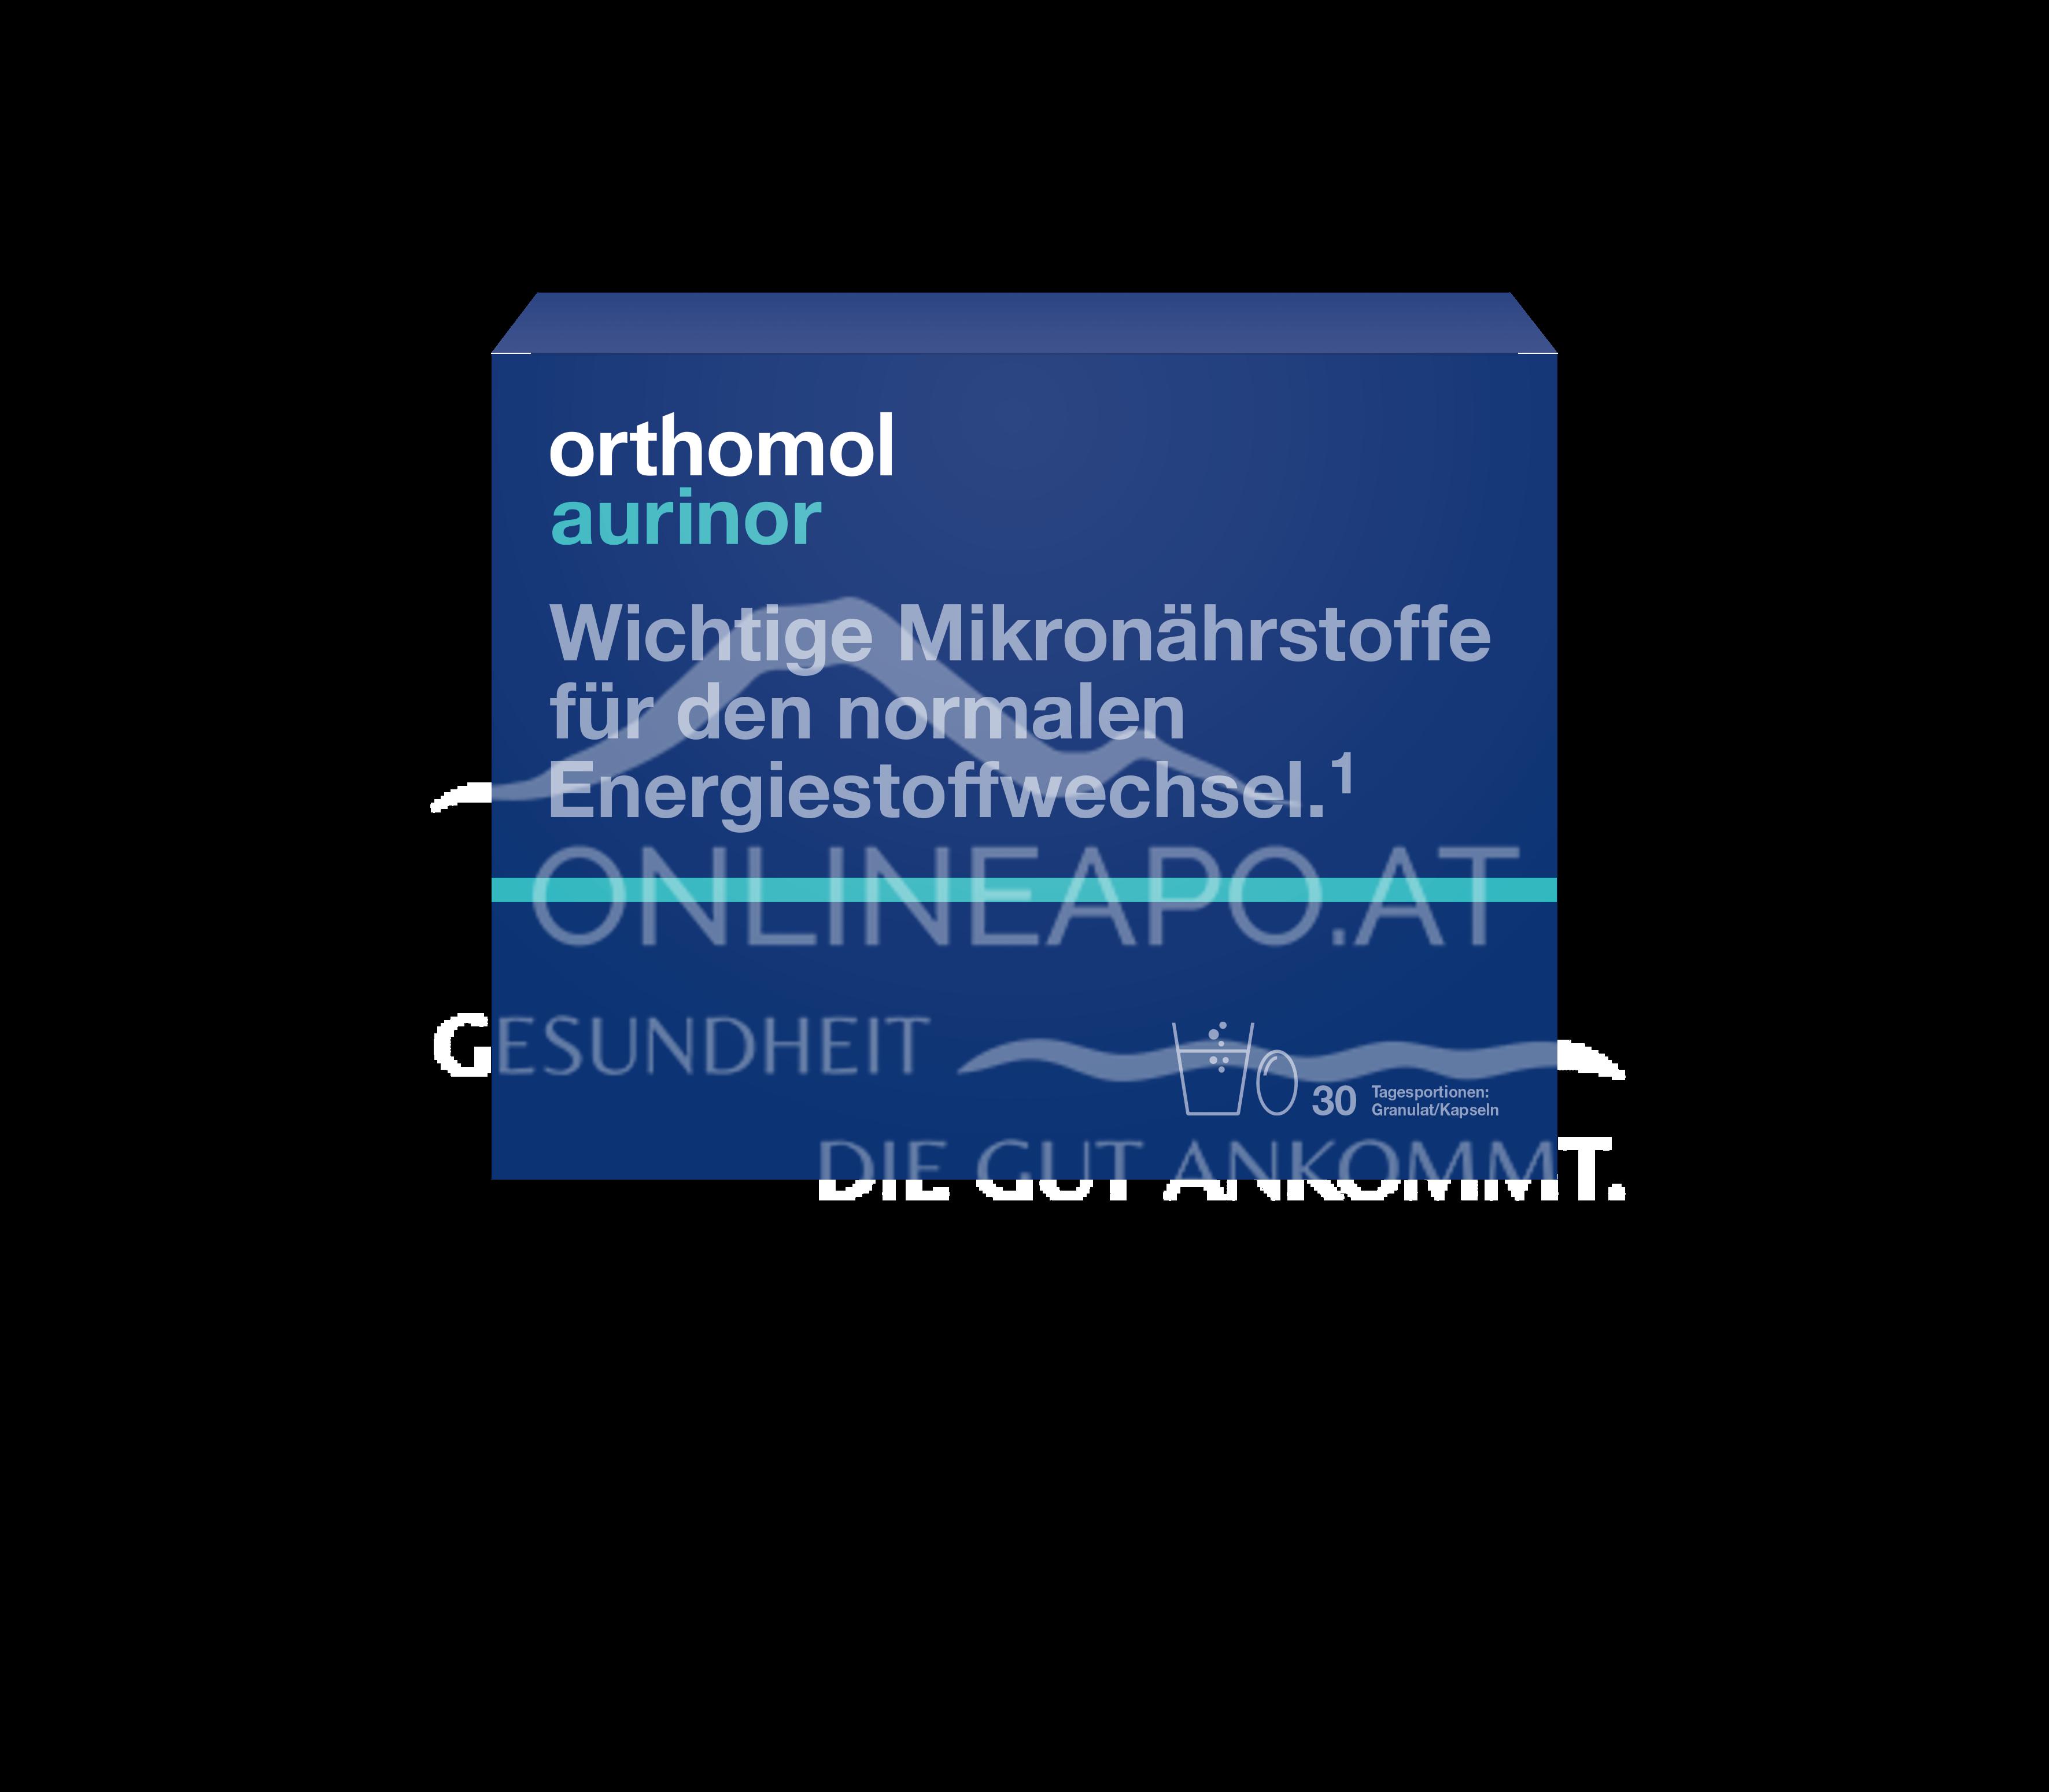 Orthomol Aurinor